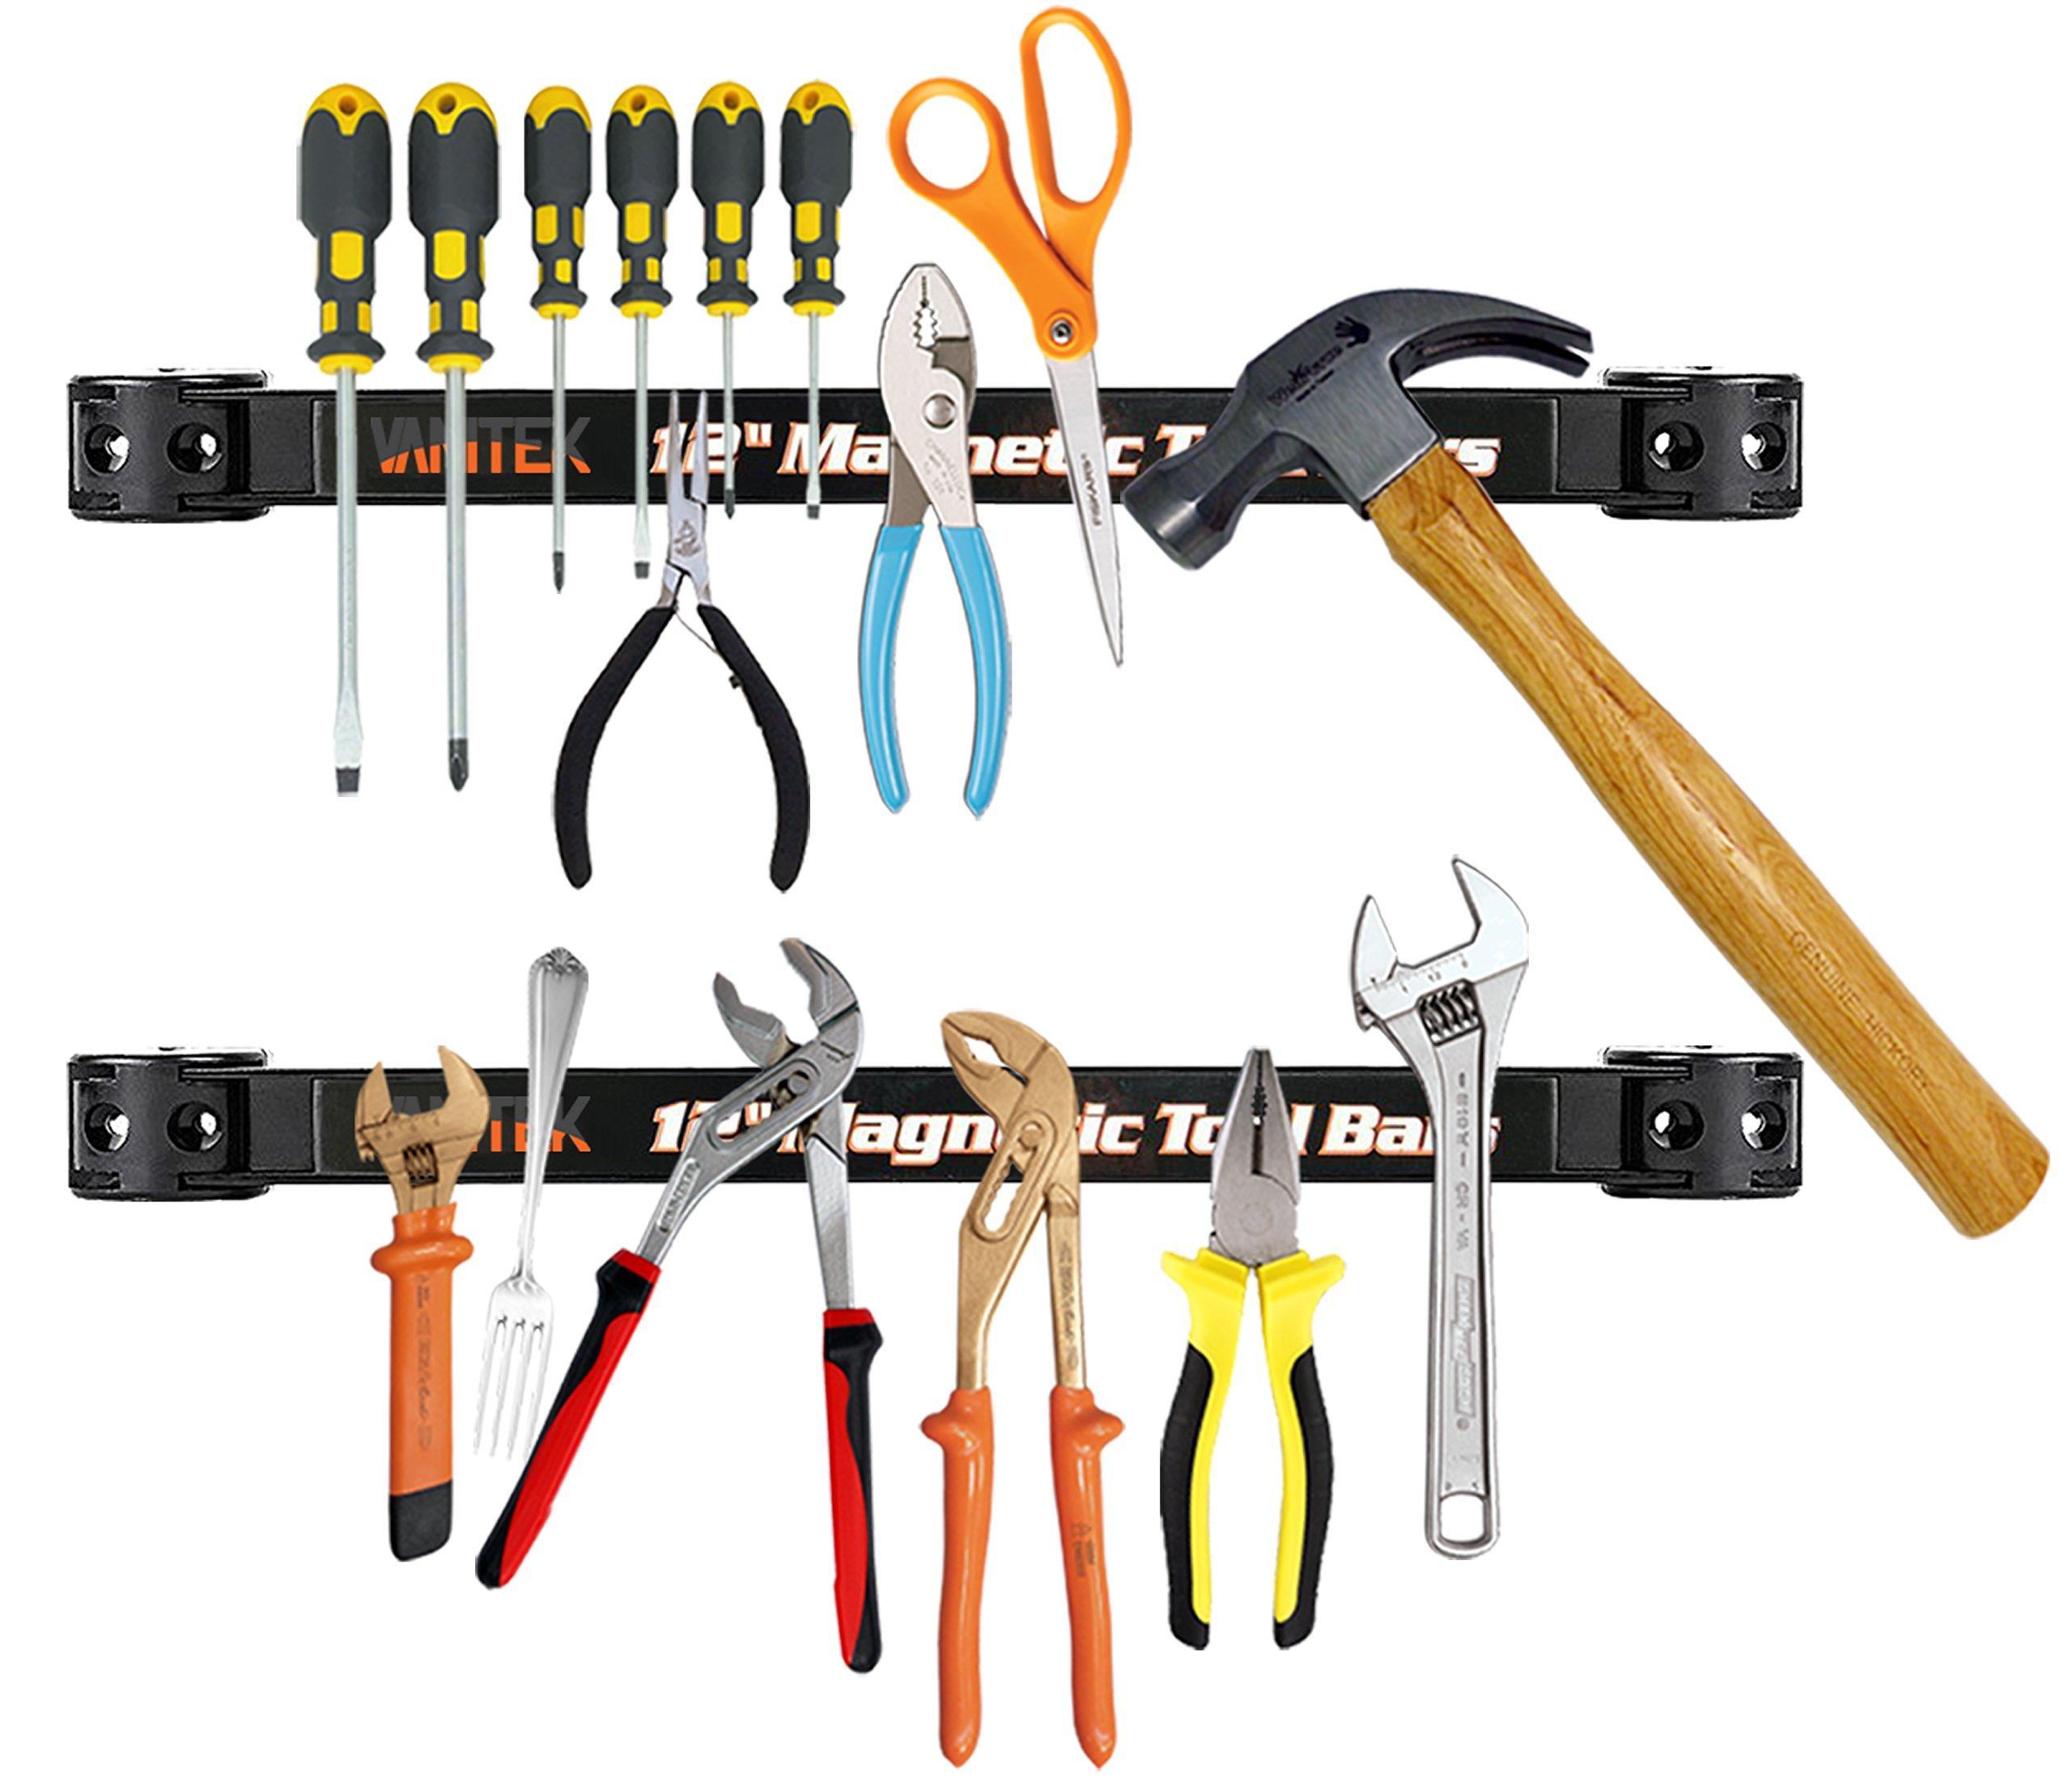 Vanitek 4 Heavy-Duty 12'' Magnetic Tool Holder Racks | Super Strong Metal Magnet Storage Tool Organizer Bars Set | Great for Garage/Workshops (Mounting Screws Included) by Vanitek (Image #2)